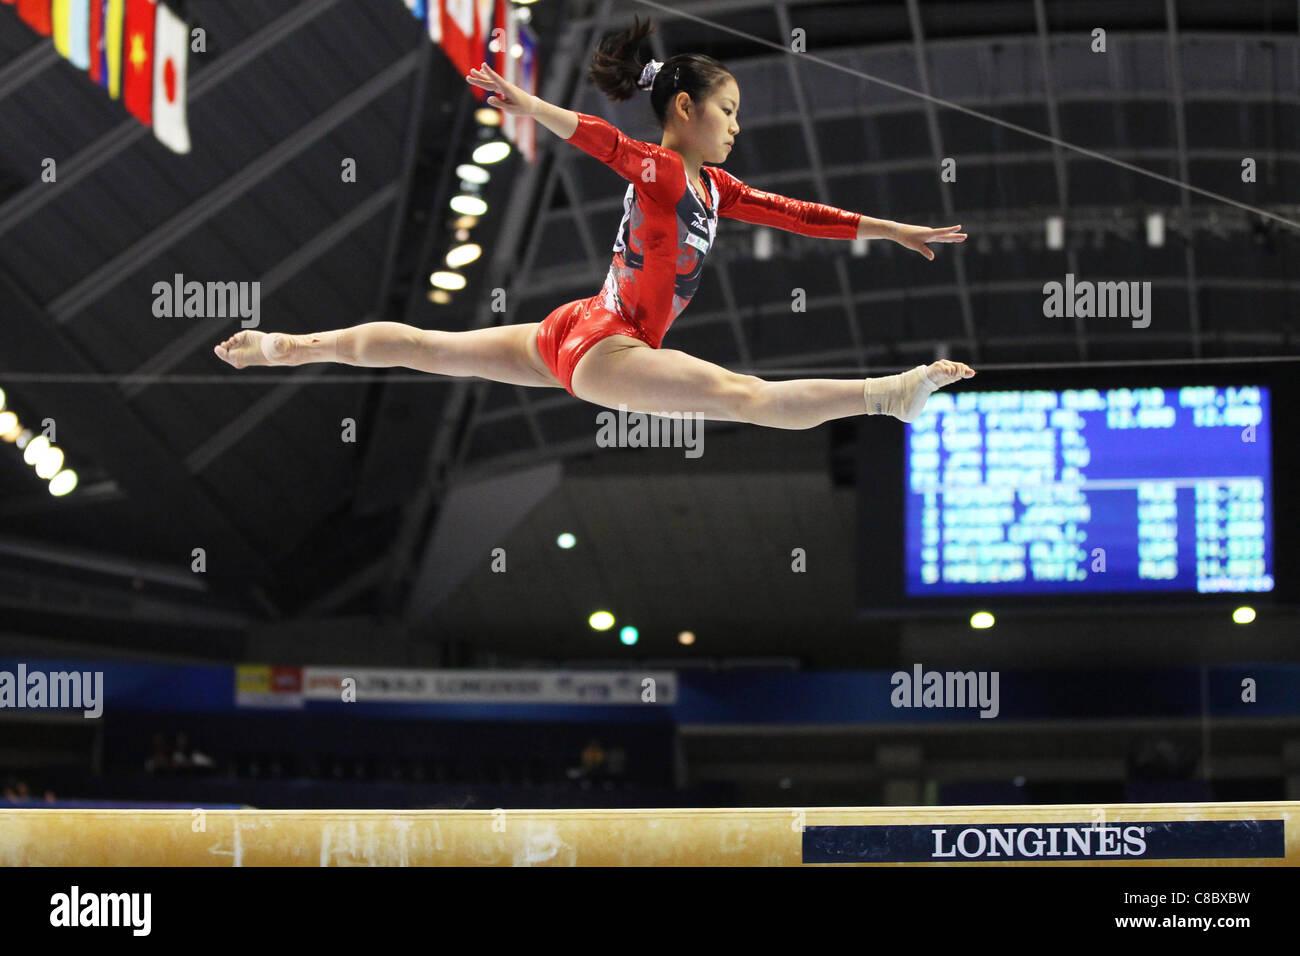 Yu Minobe (JPN) realiza durante el Campeonato Mundial de la FIG de gimnasia artística Tokyo 2011. Imagen De Stock